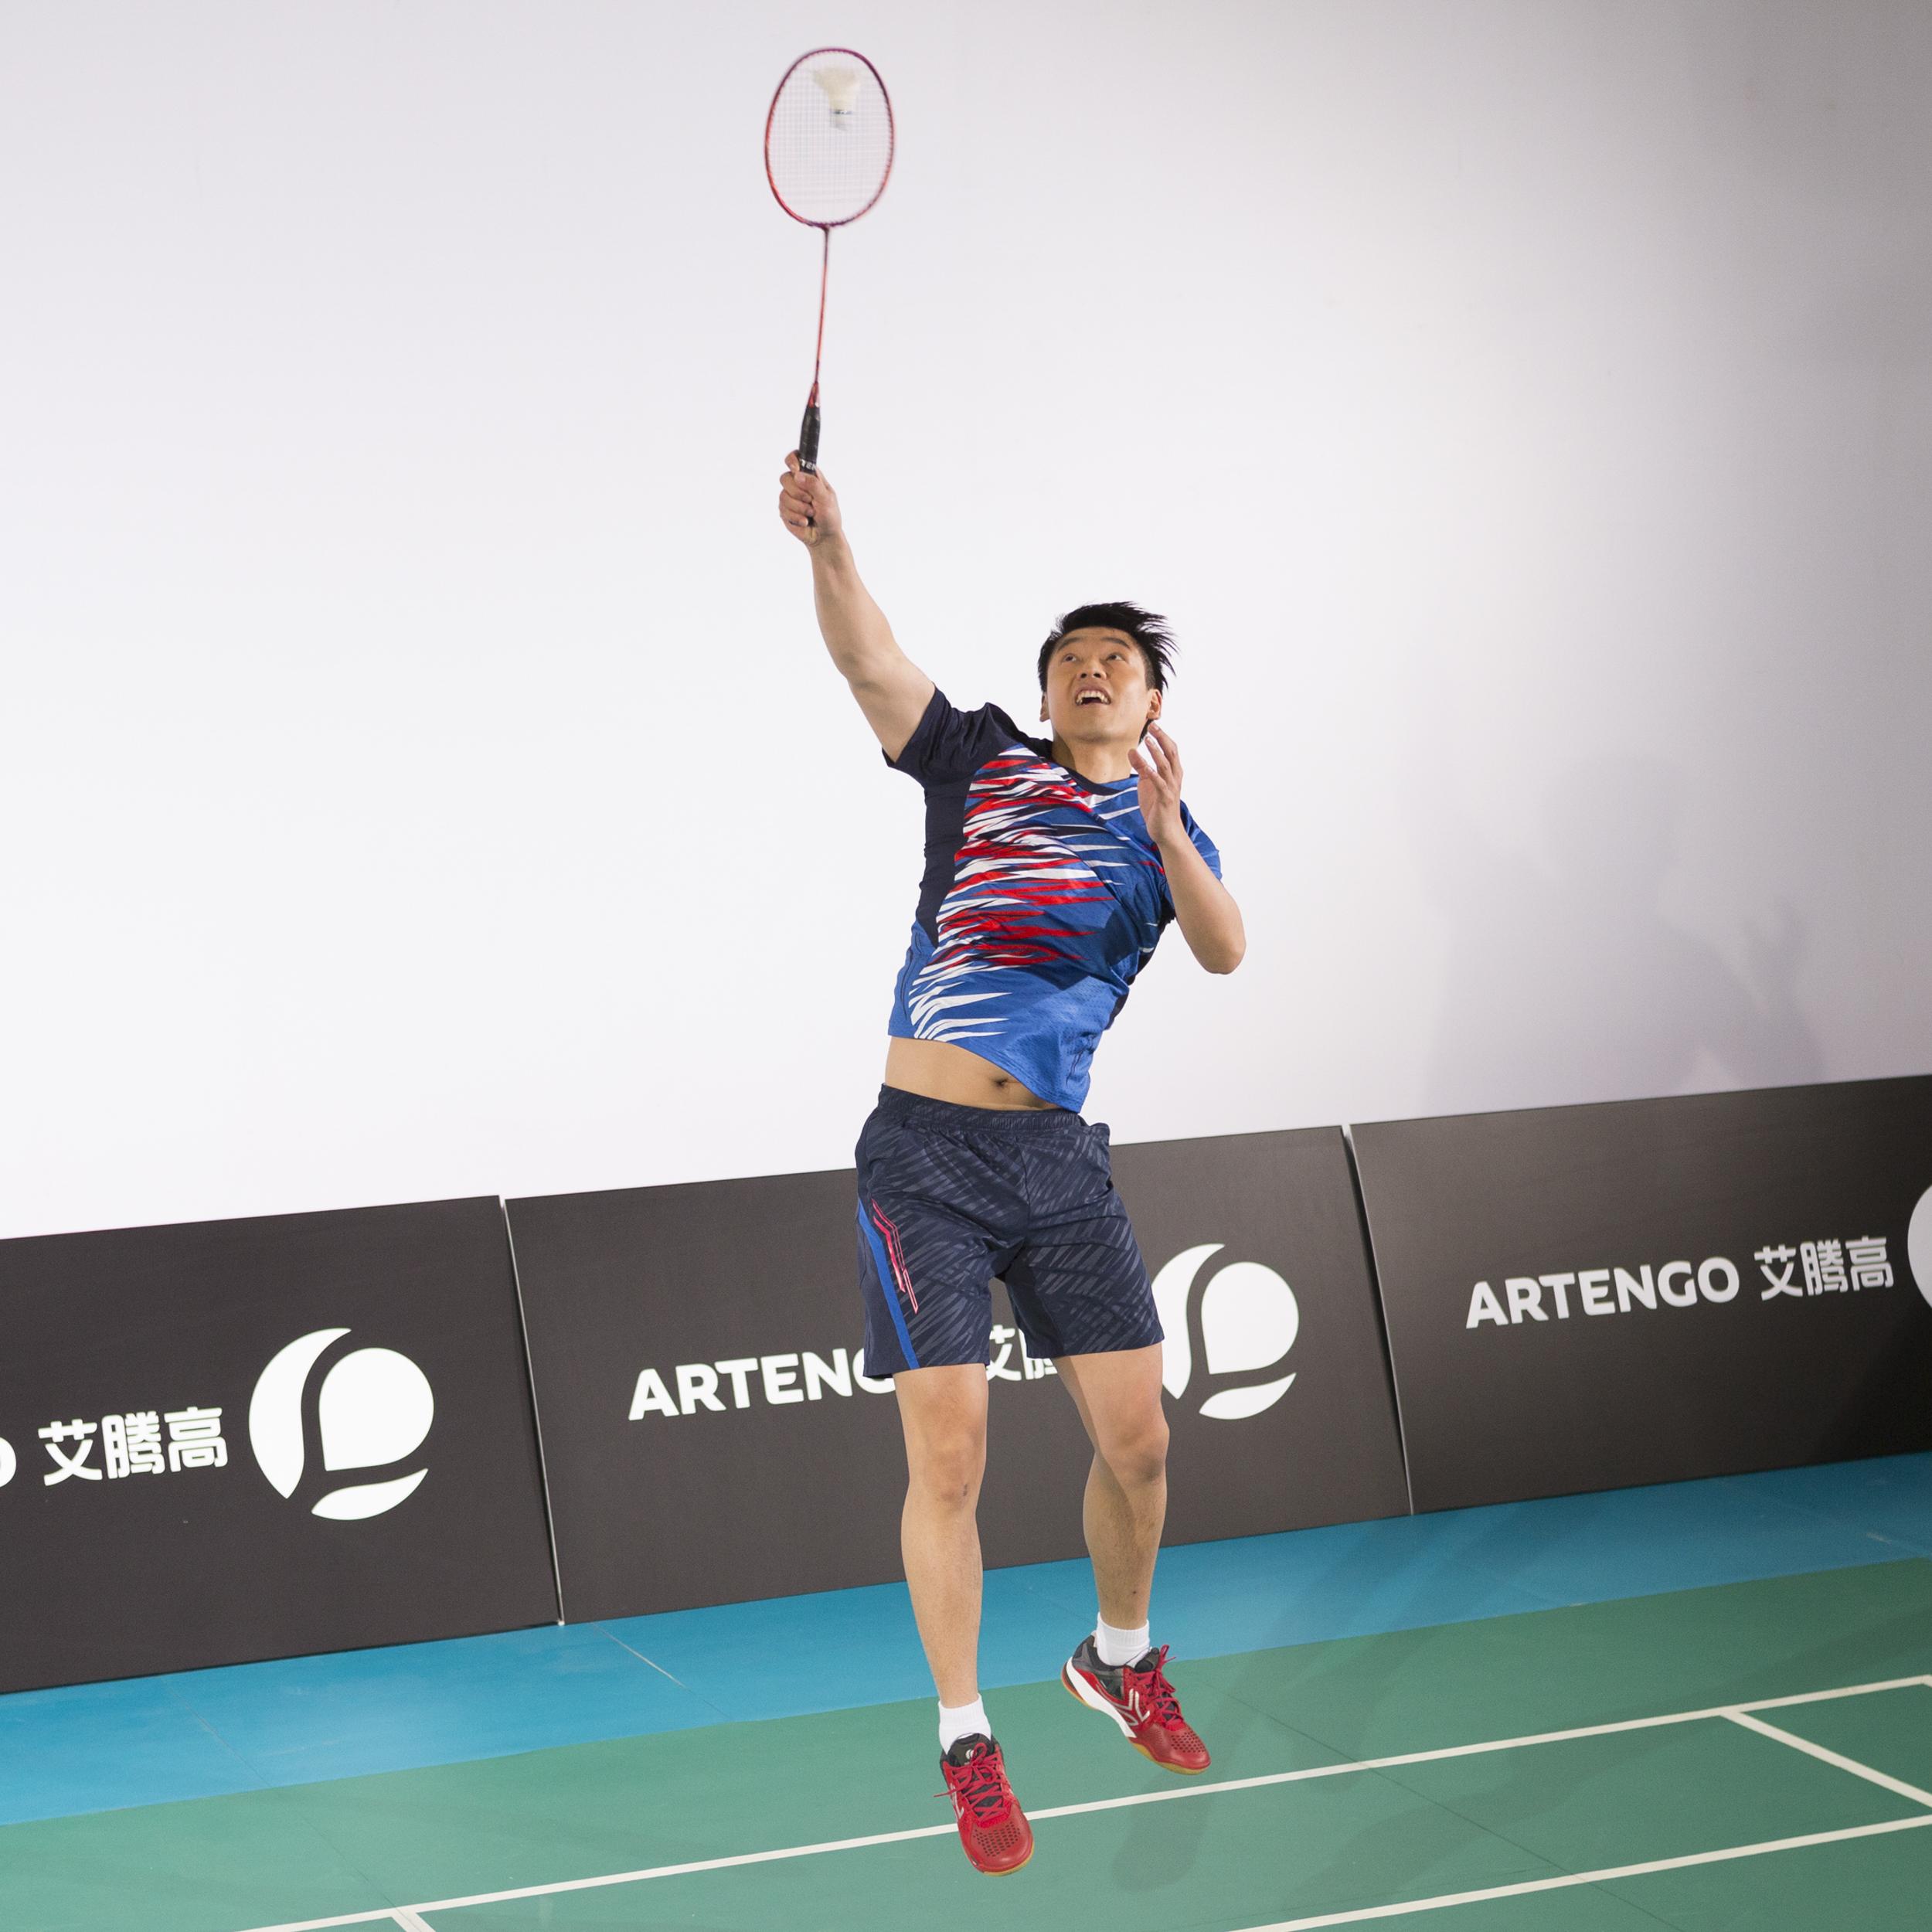 Basic Badminton for Beginners. - YouTube